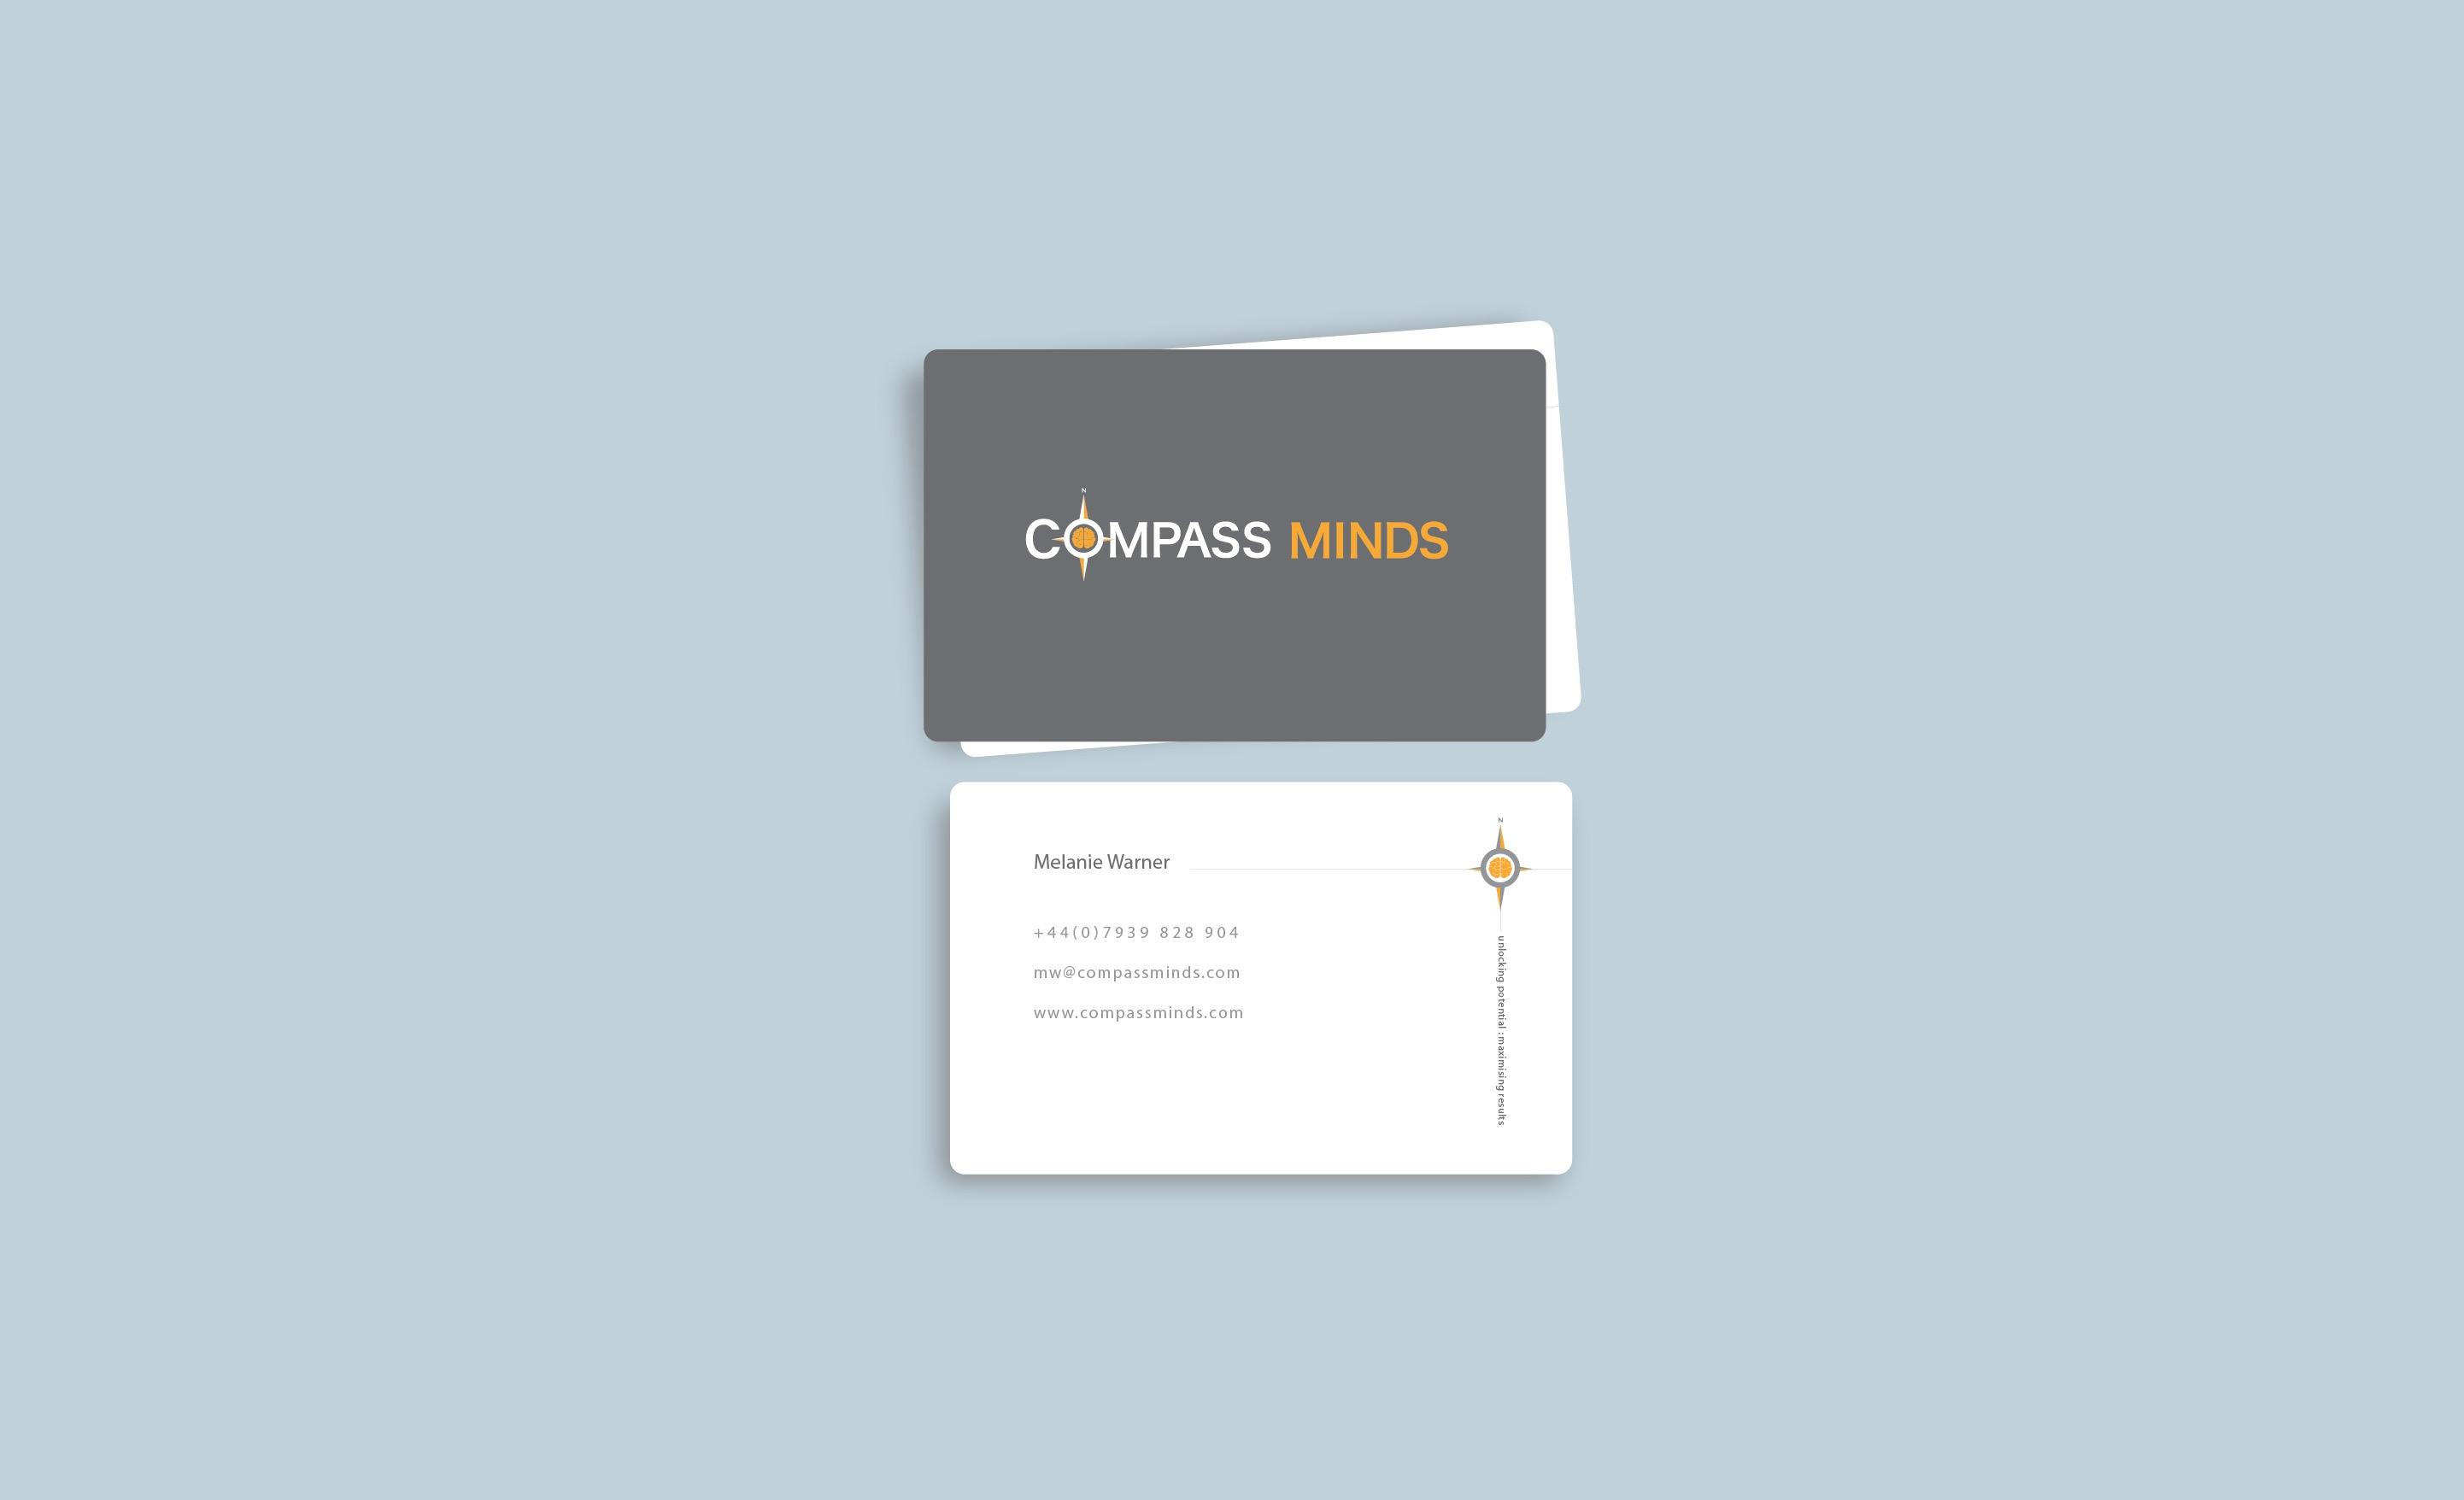 Compass Minds - Business card